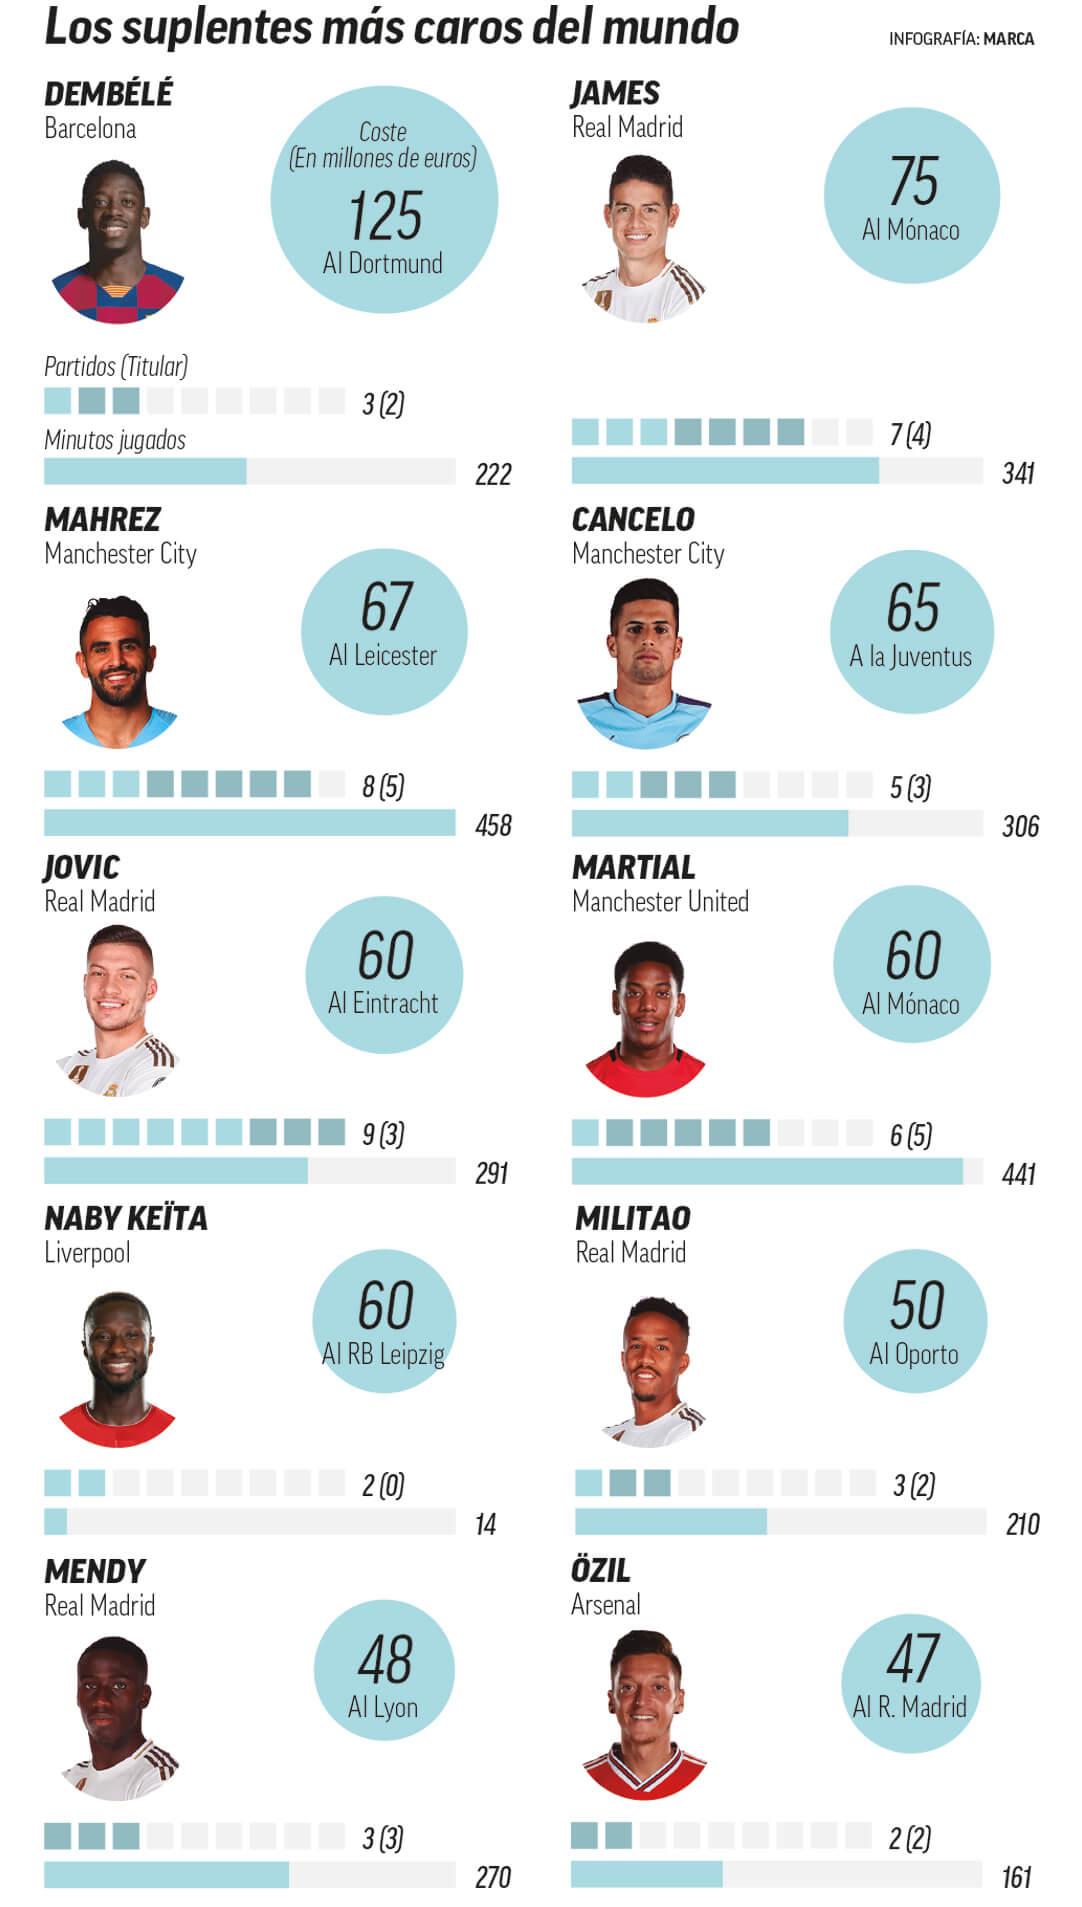 infografia de marca jugadores suplentes mas caros